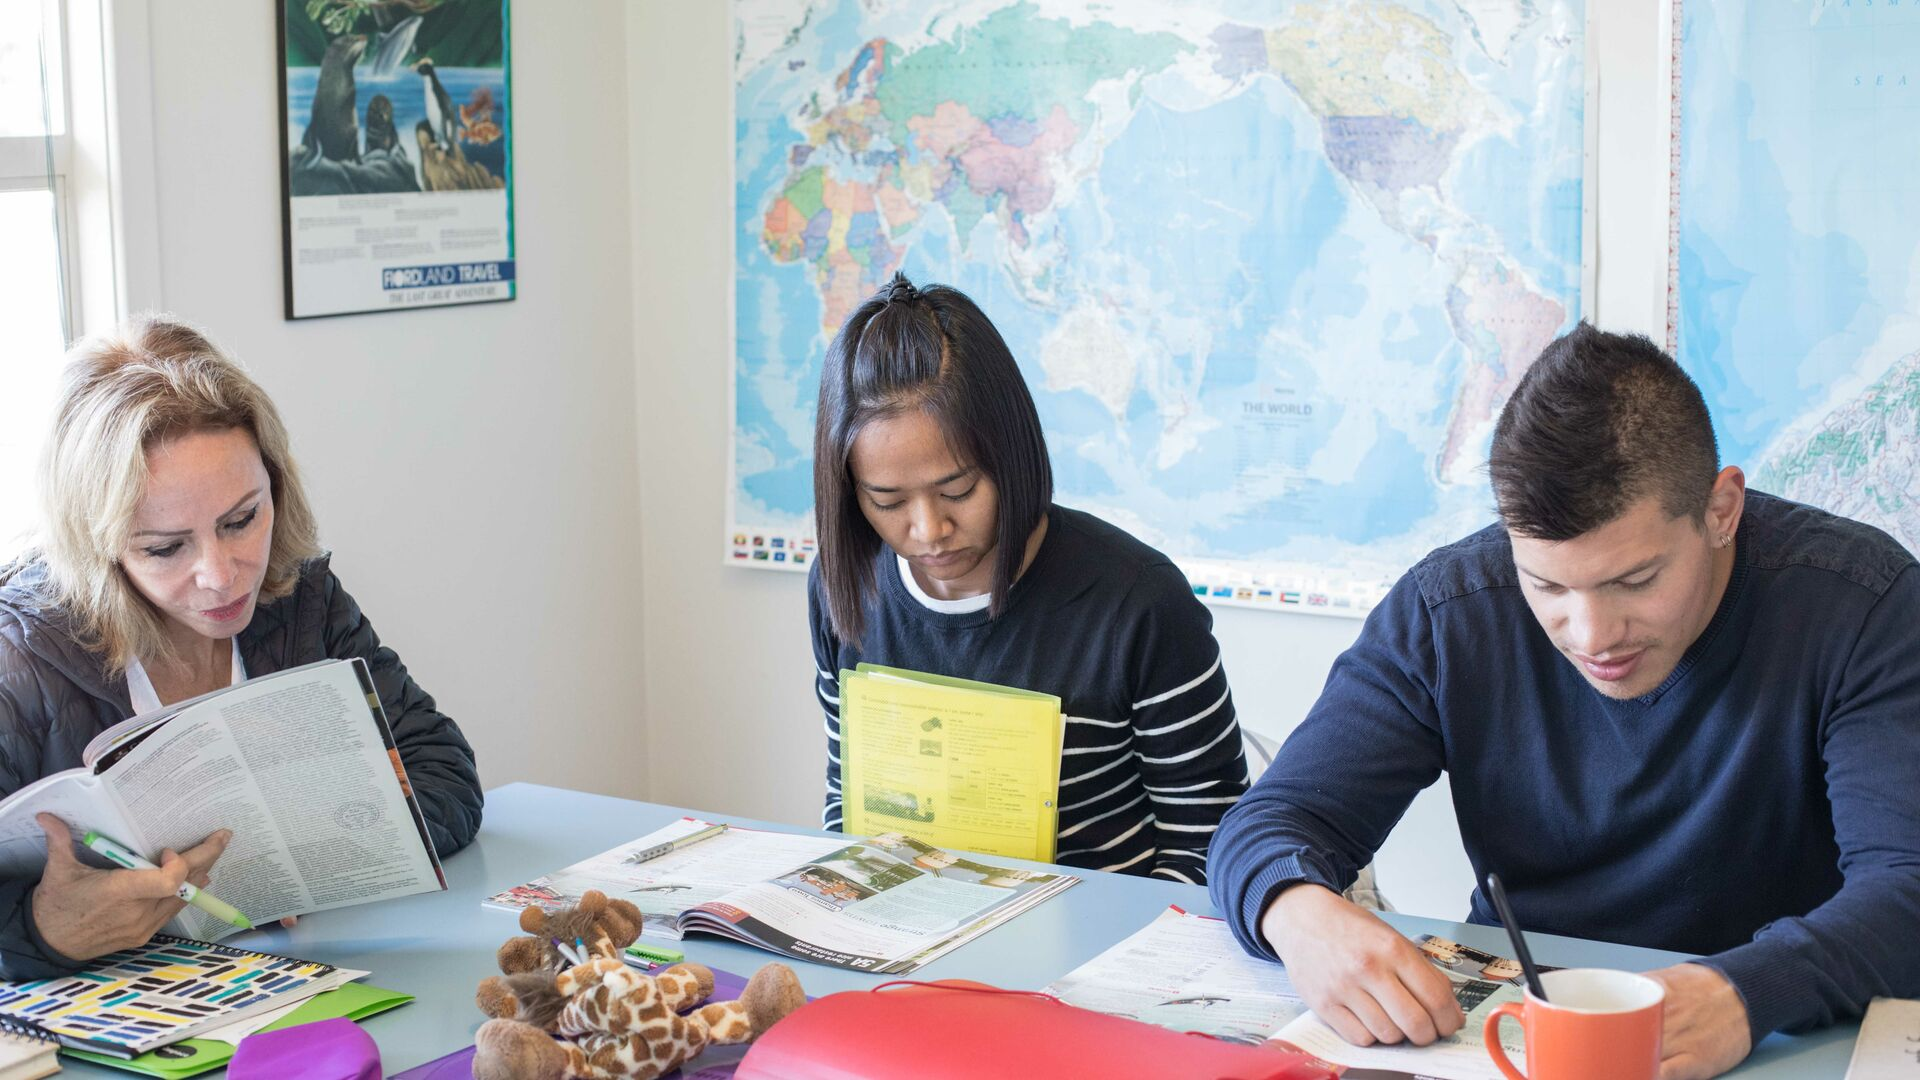 Séjour linguistique Nouvelle Zélande, Queenstown - ABC College of English Queenstown - école